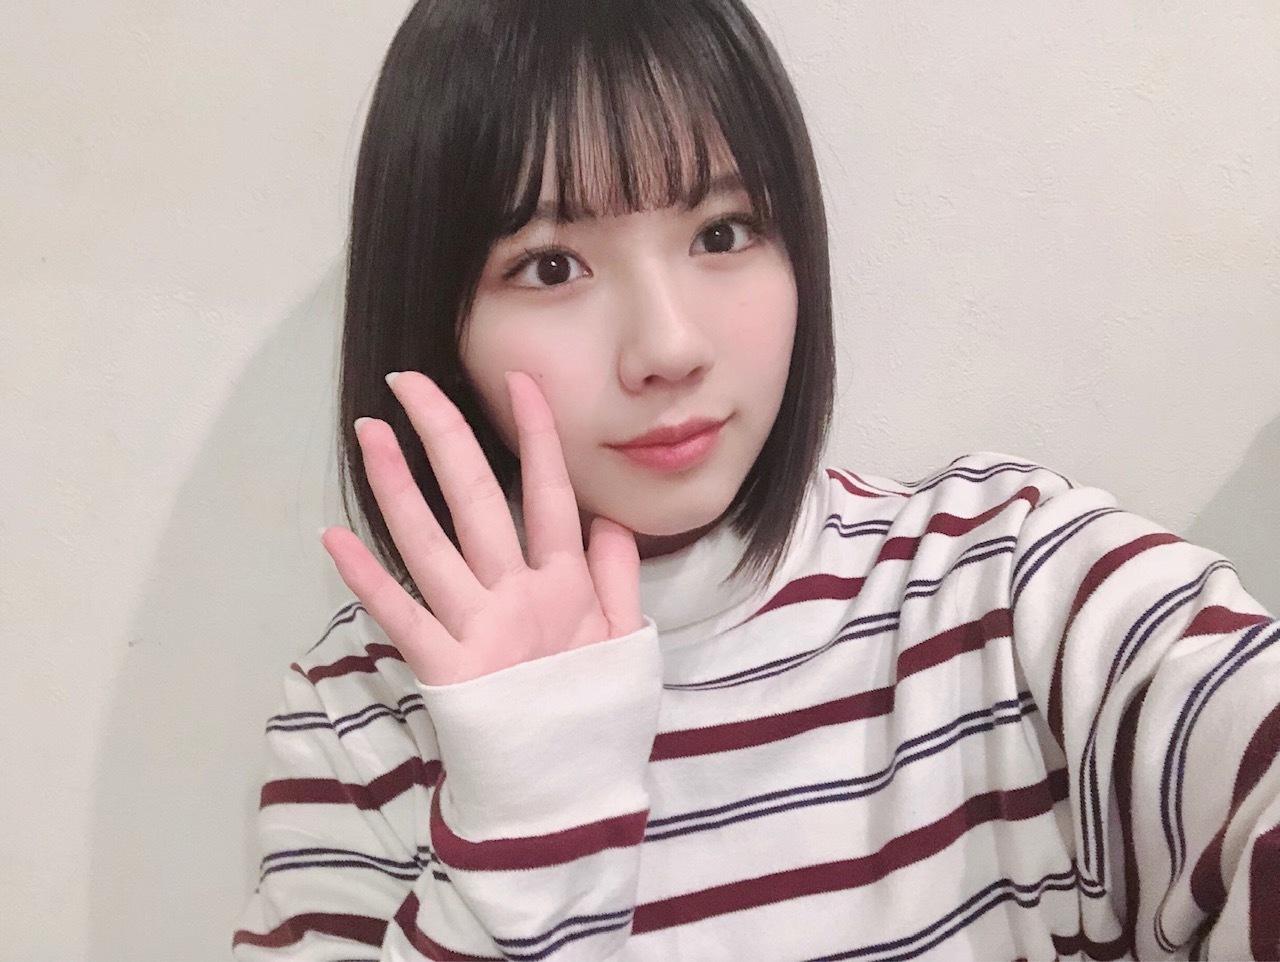 渡邉 美穂 公式ブログ